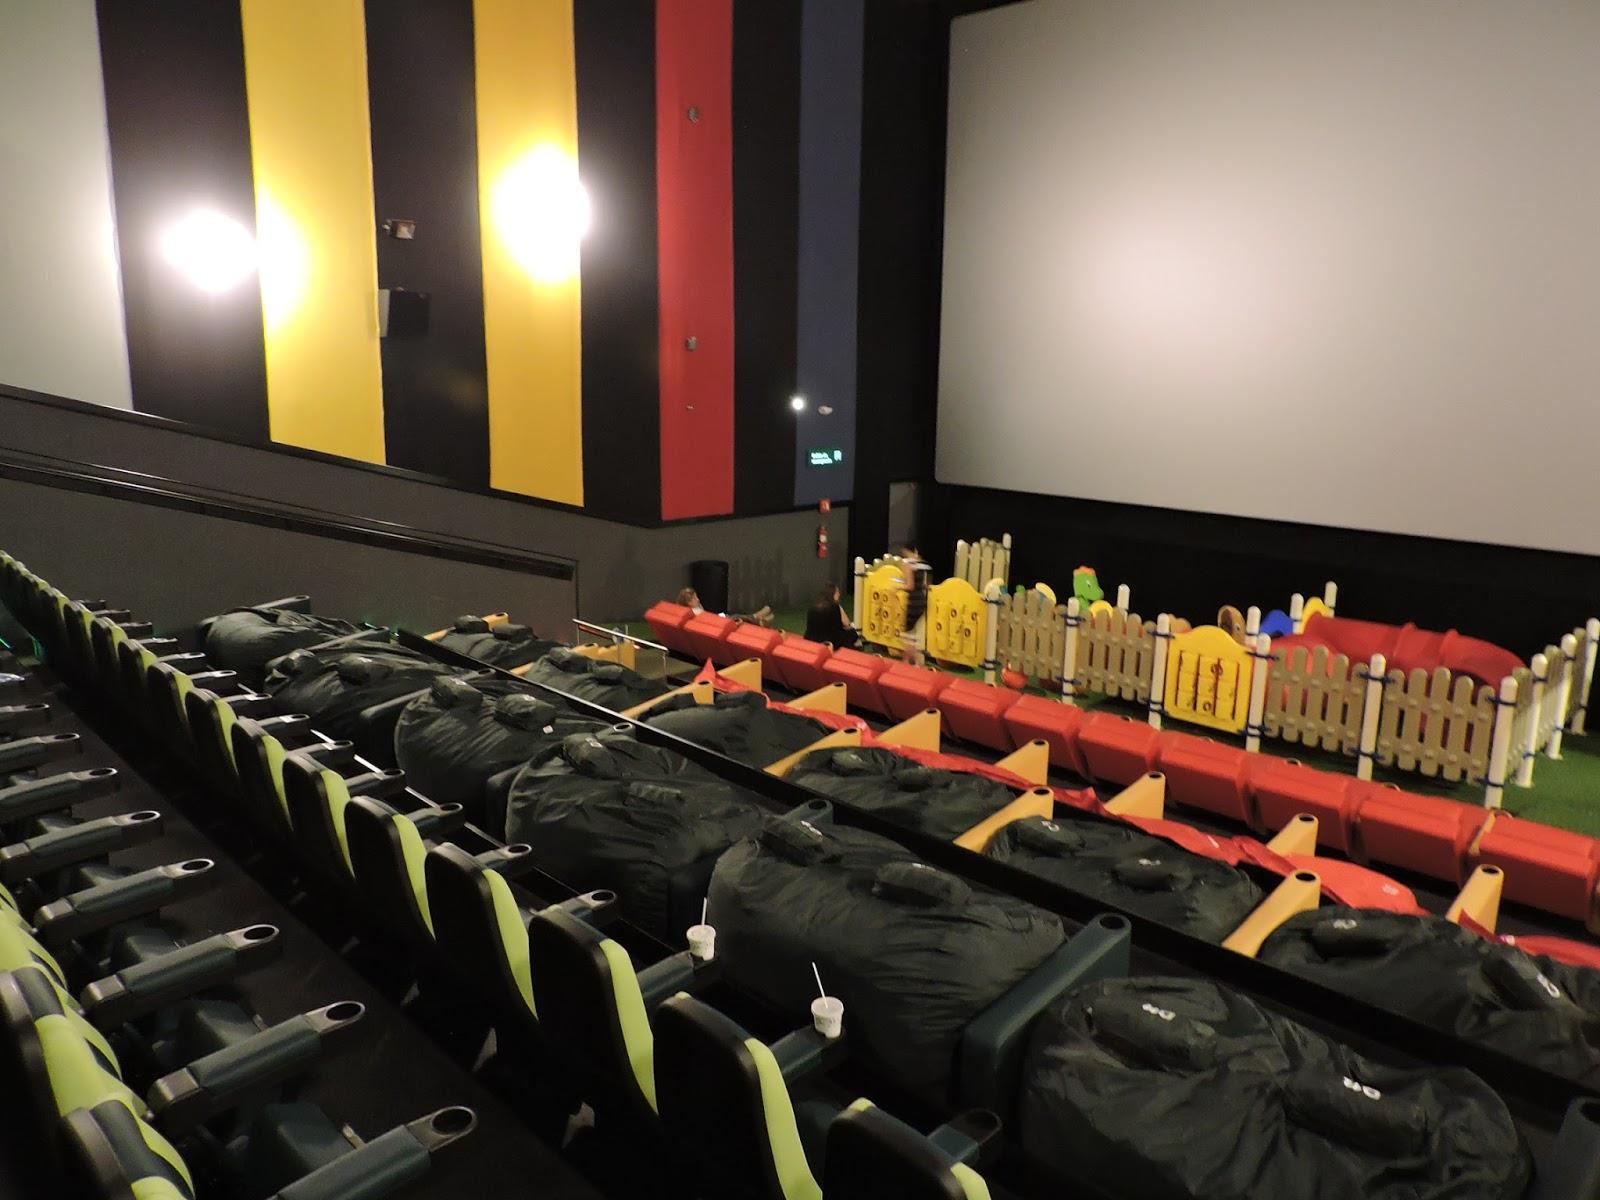 sala junior un nuevo concepto de cin polis en guatemala On sala junior cinepolis el salvador